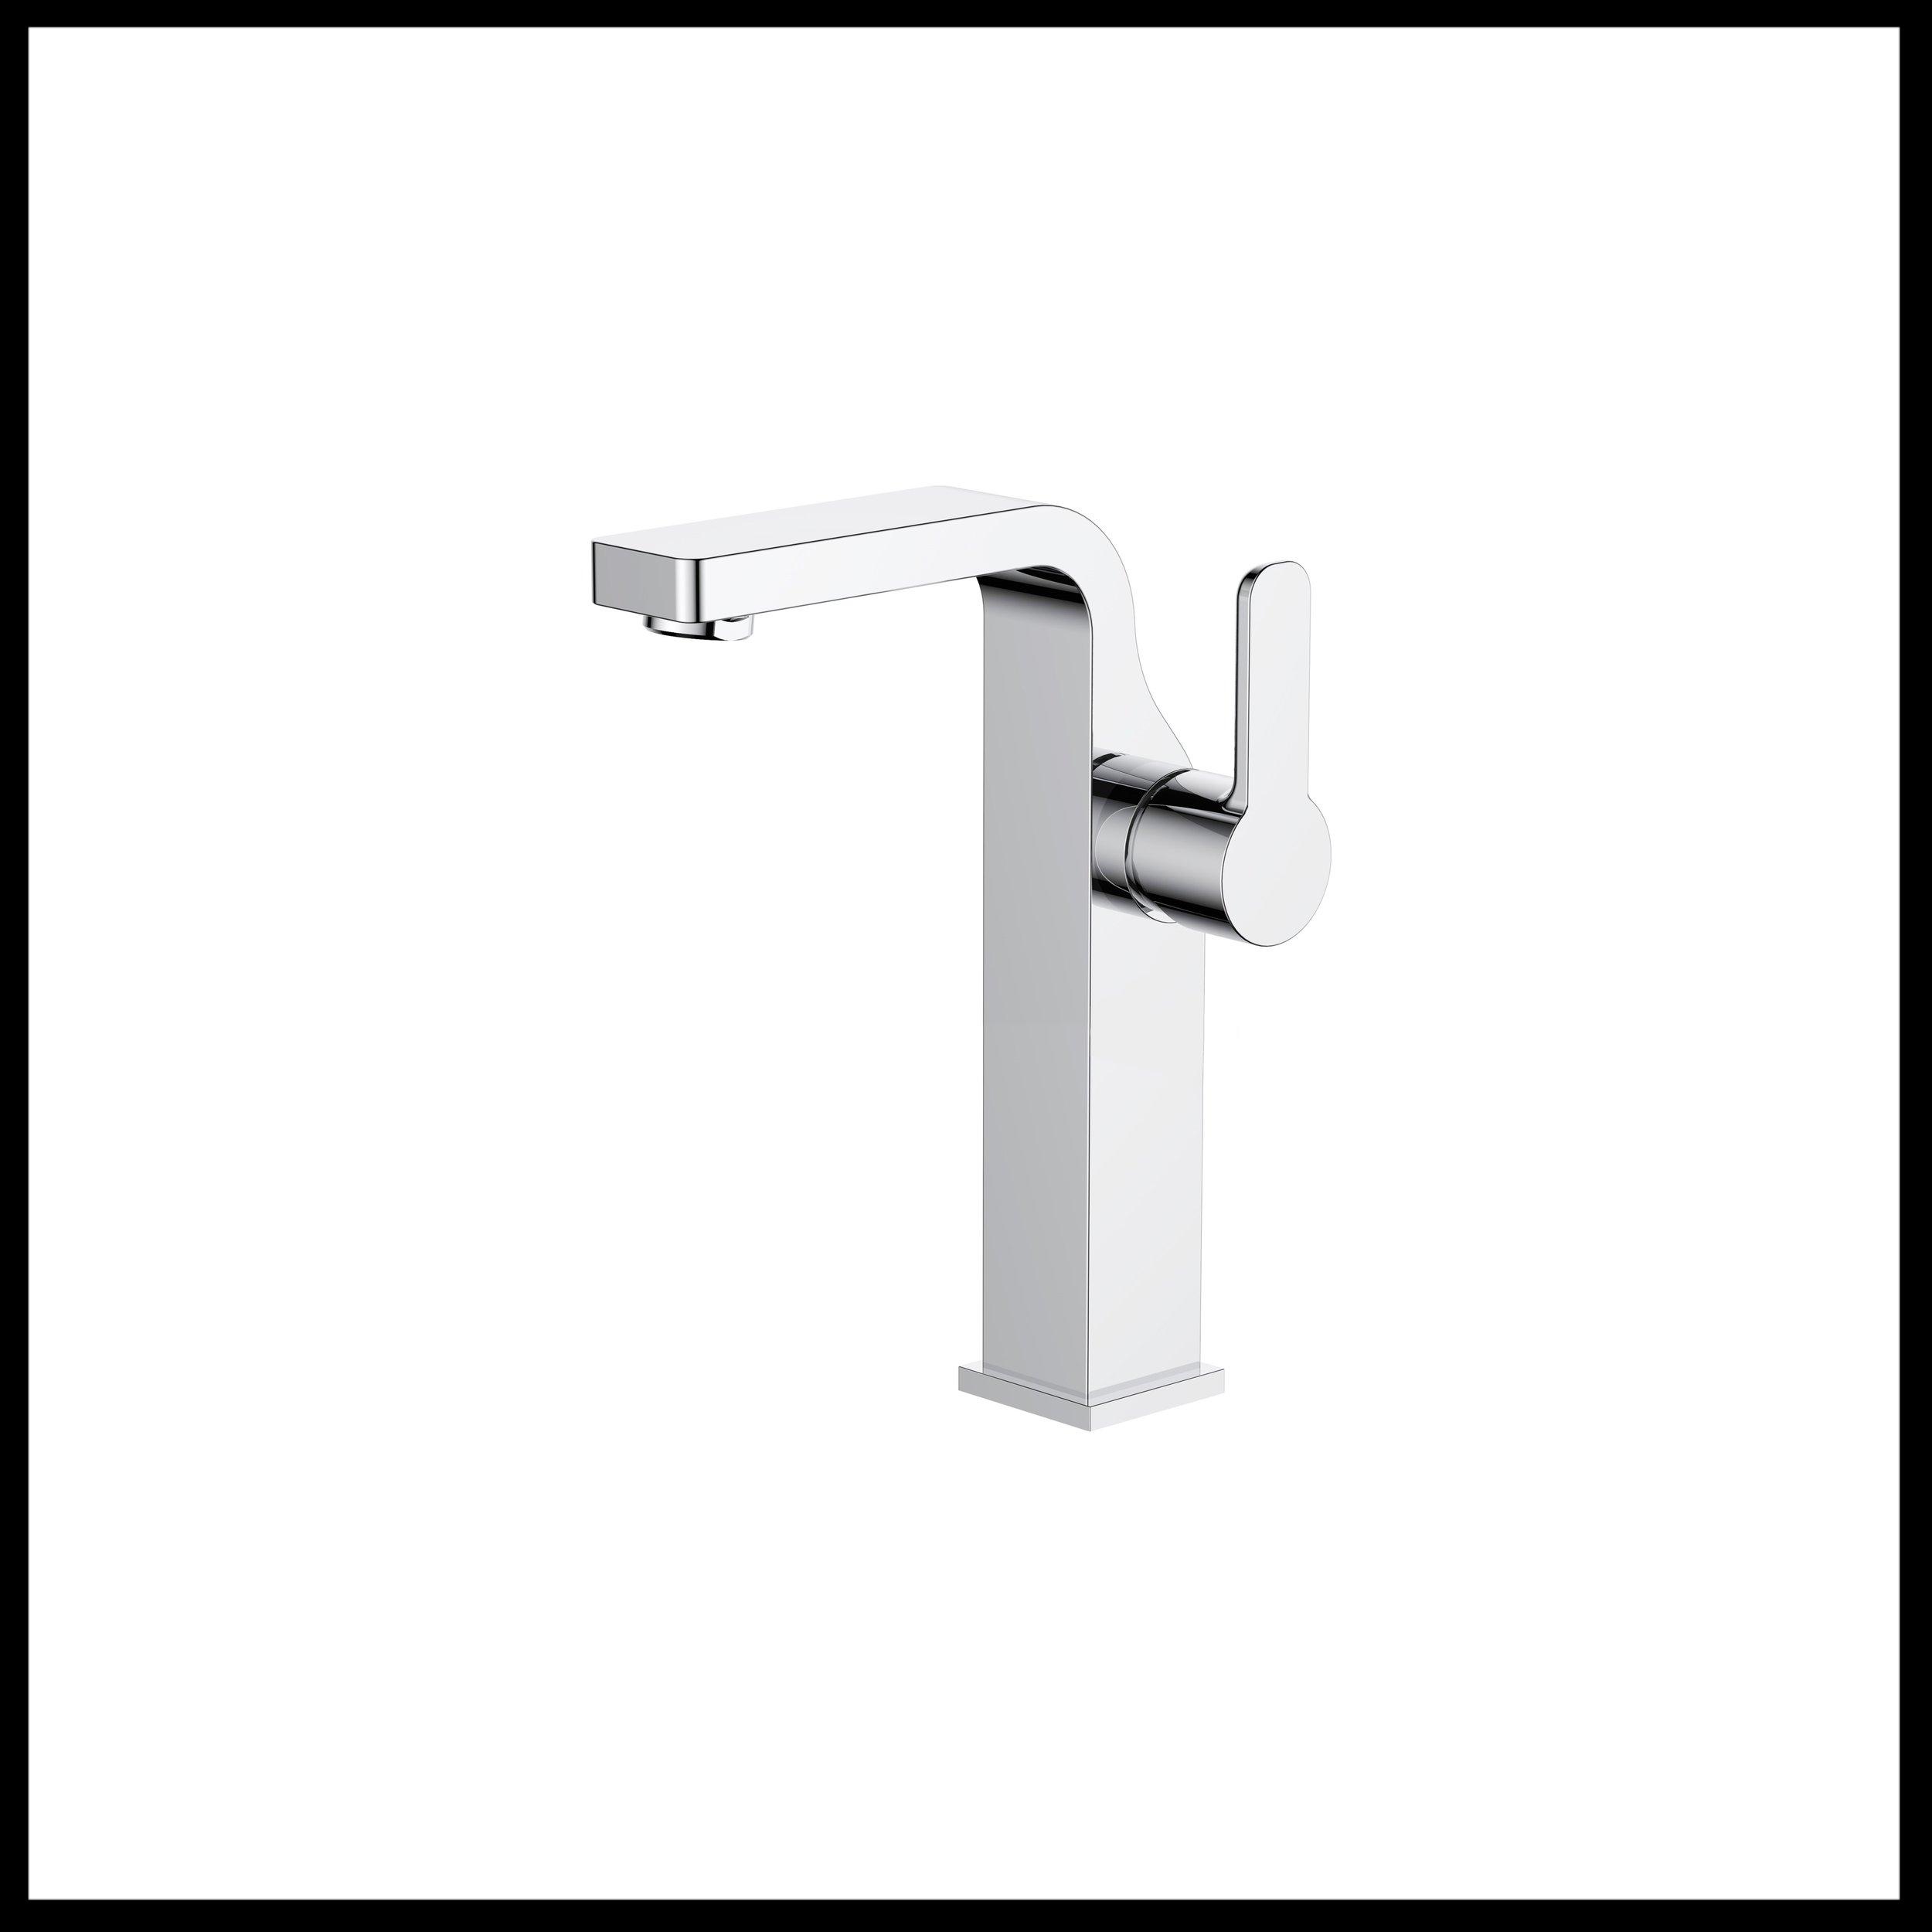 718-106:Sink faucet